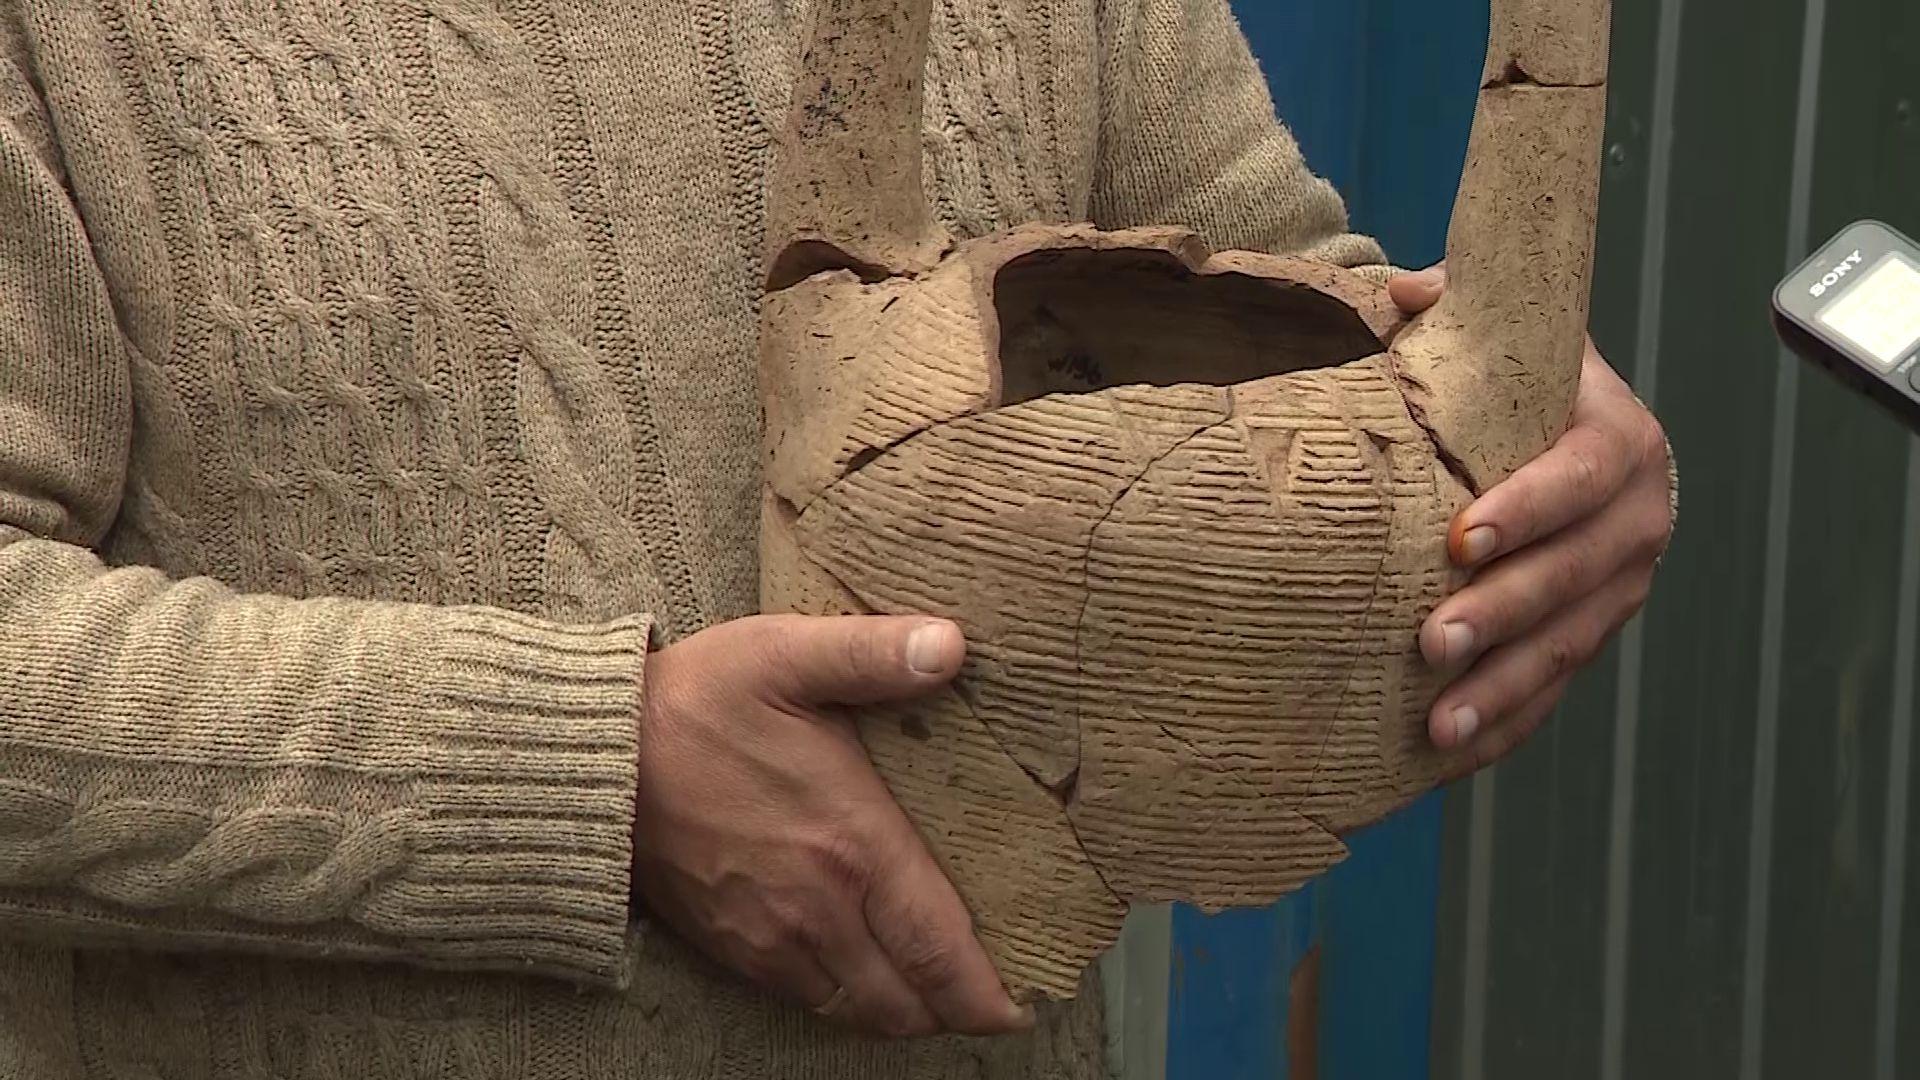 Институт археологии Российской академии наук презентовал результат раскопок домонгольского периода